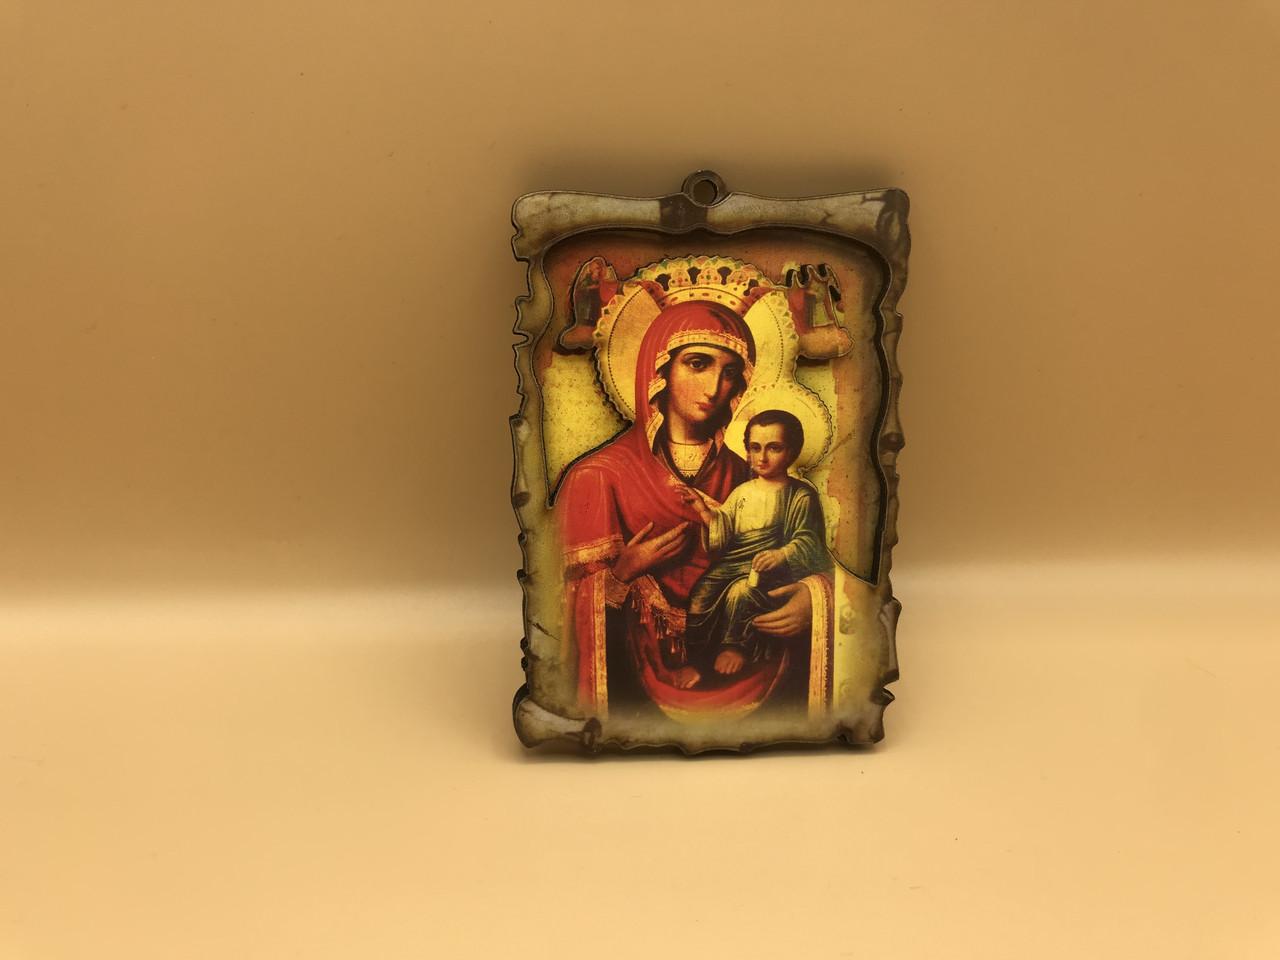 Икона на магните Богородица